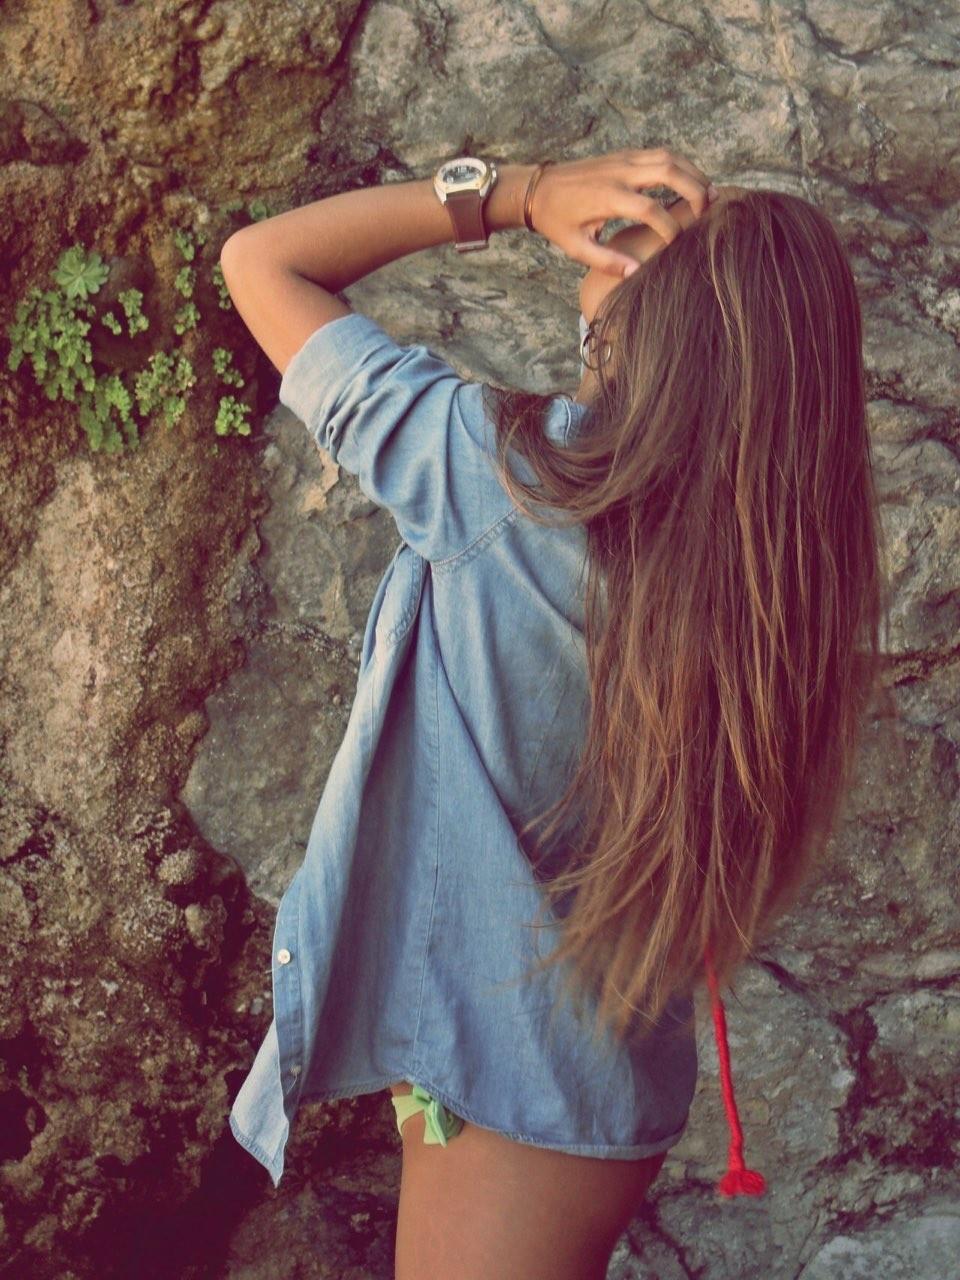 Картинки на аву в вк для девушек с русыми волосами